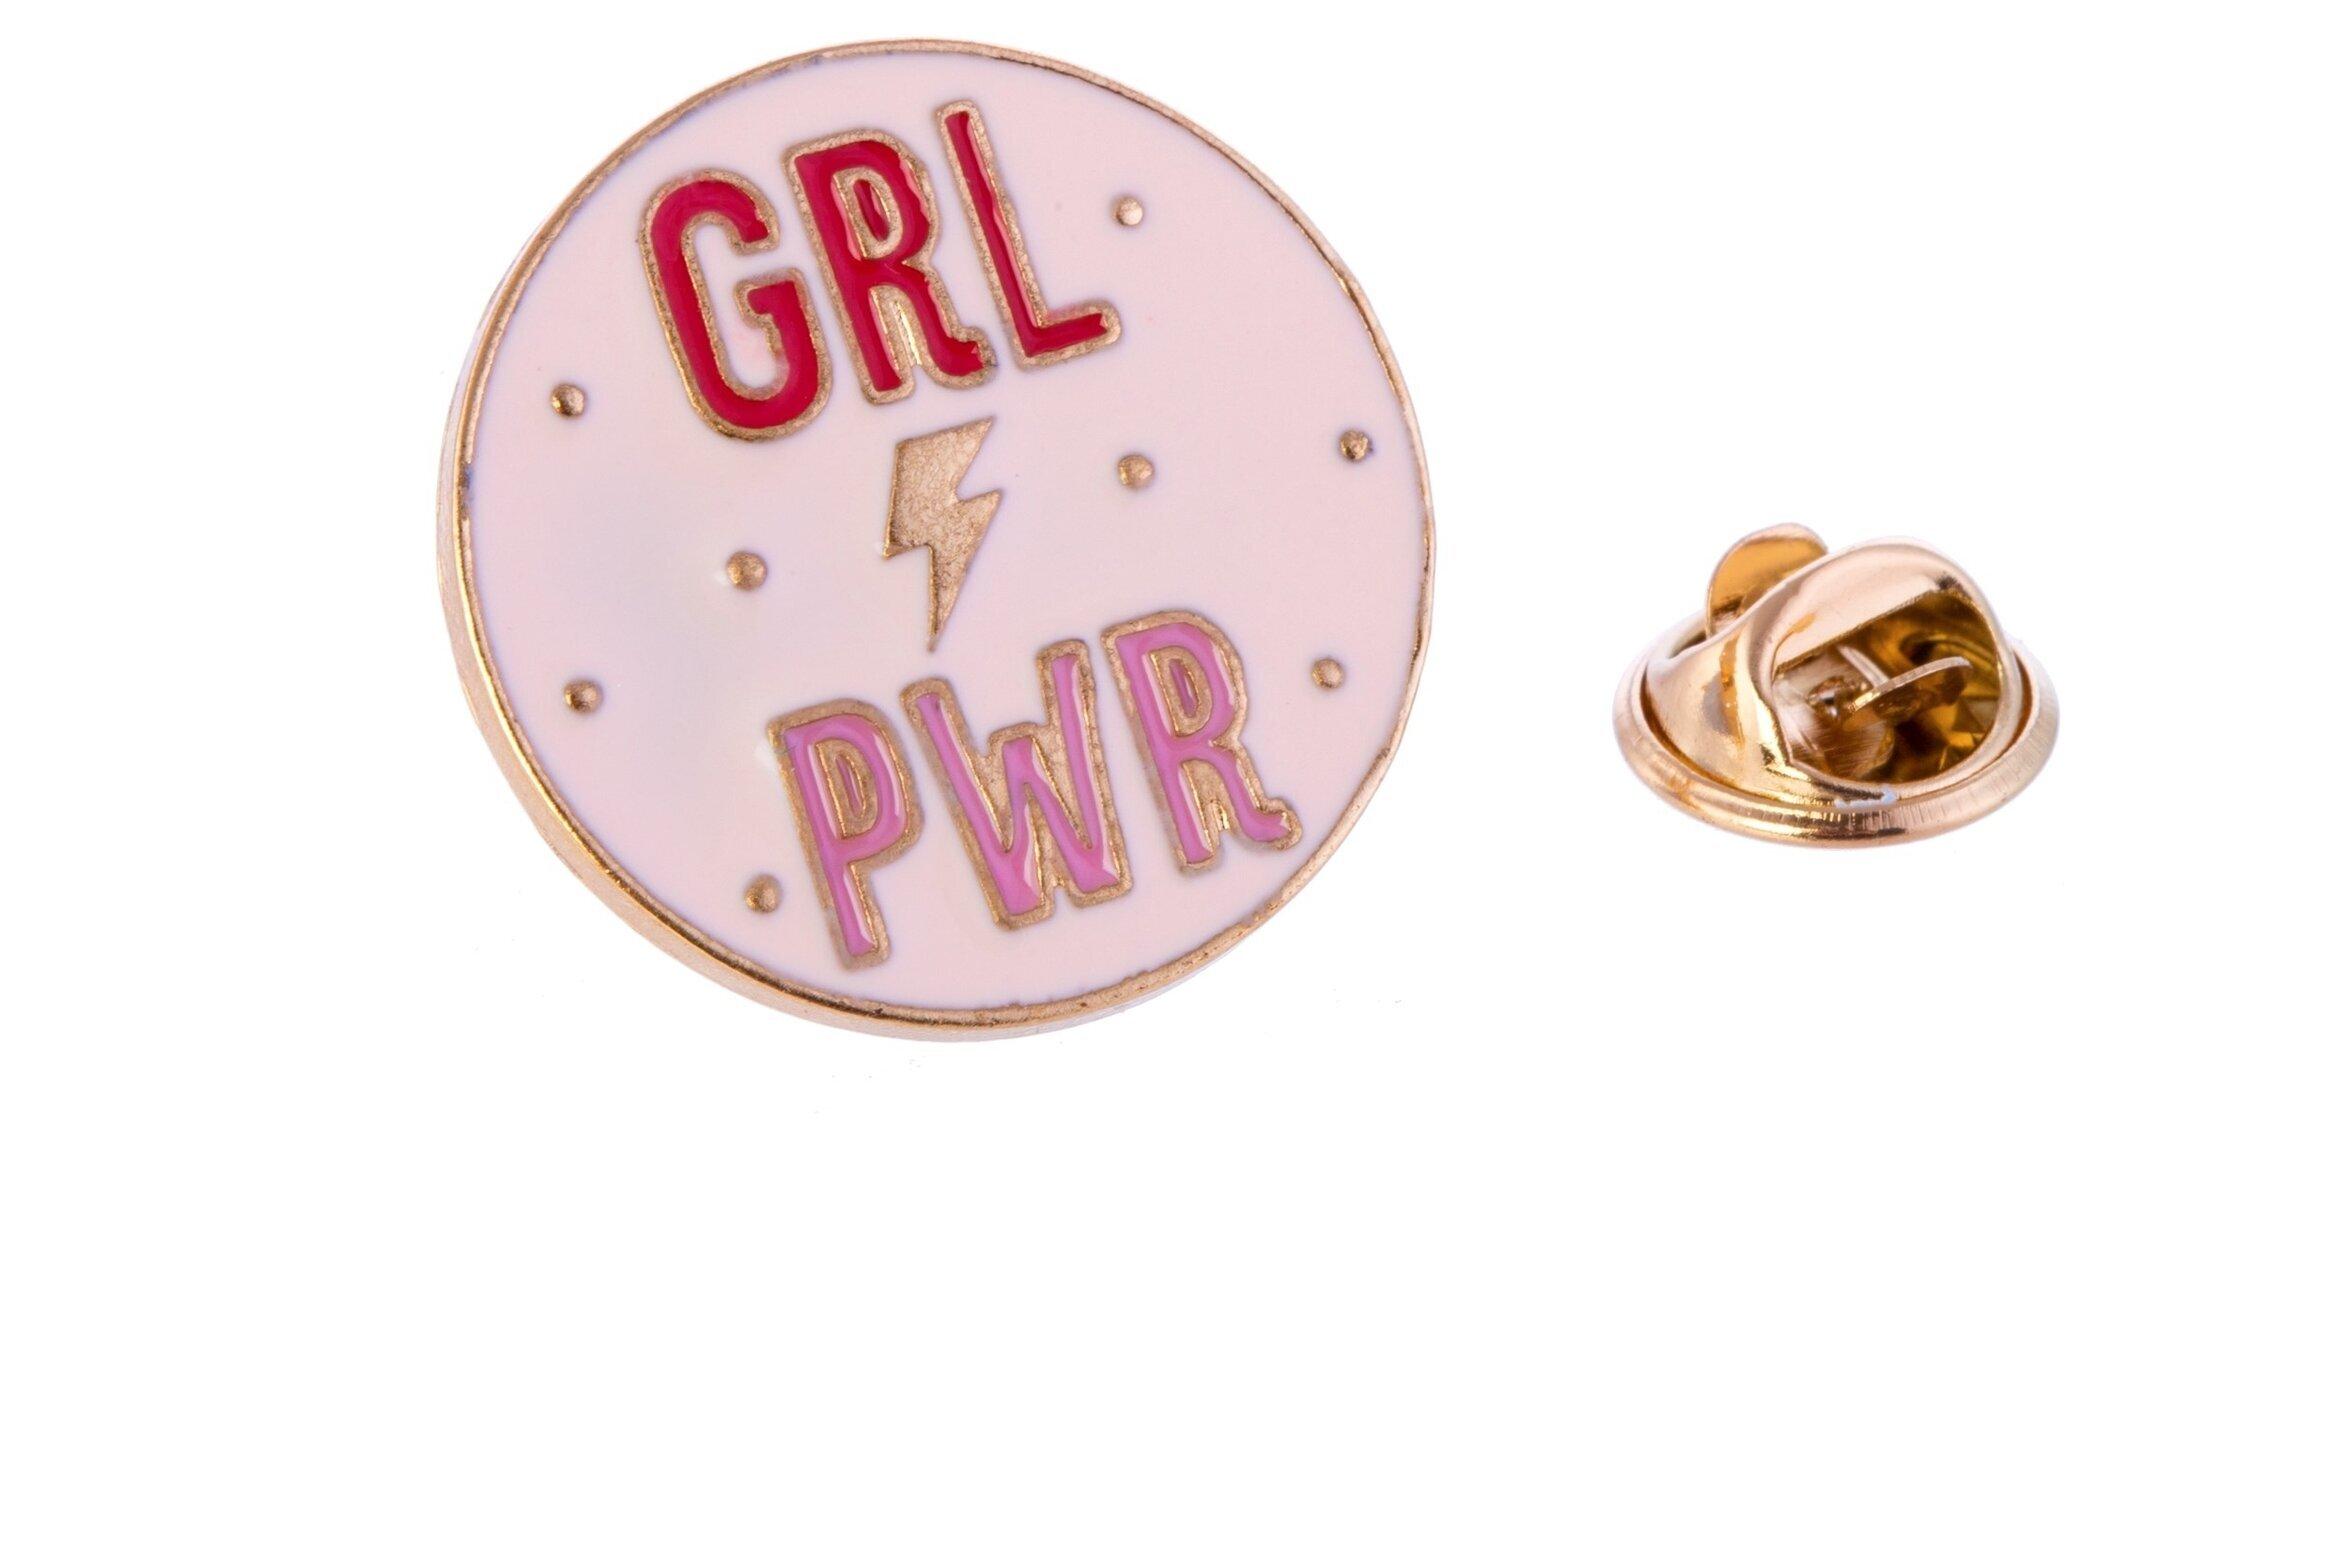 Girl Power Pin Fashion